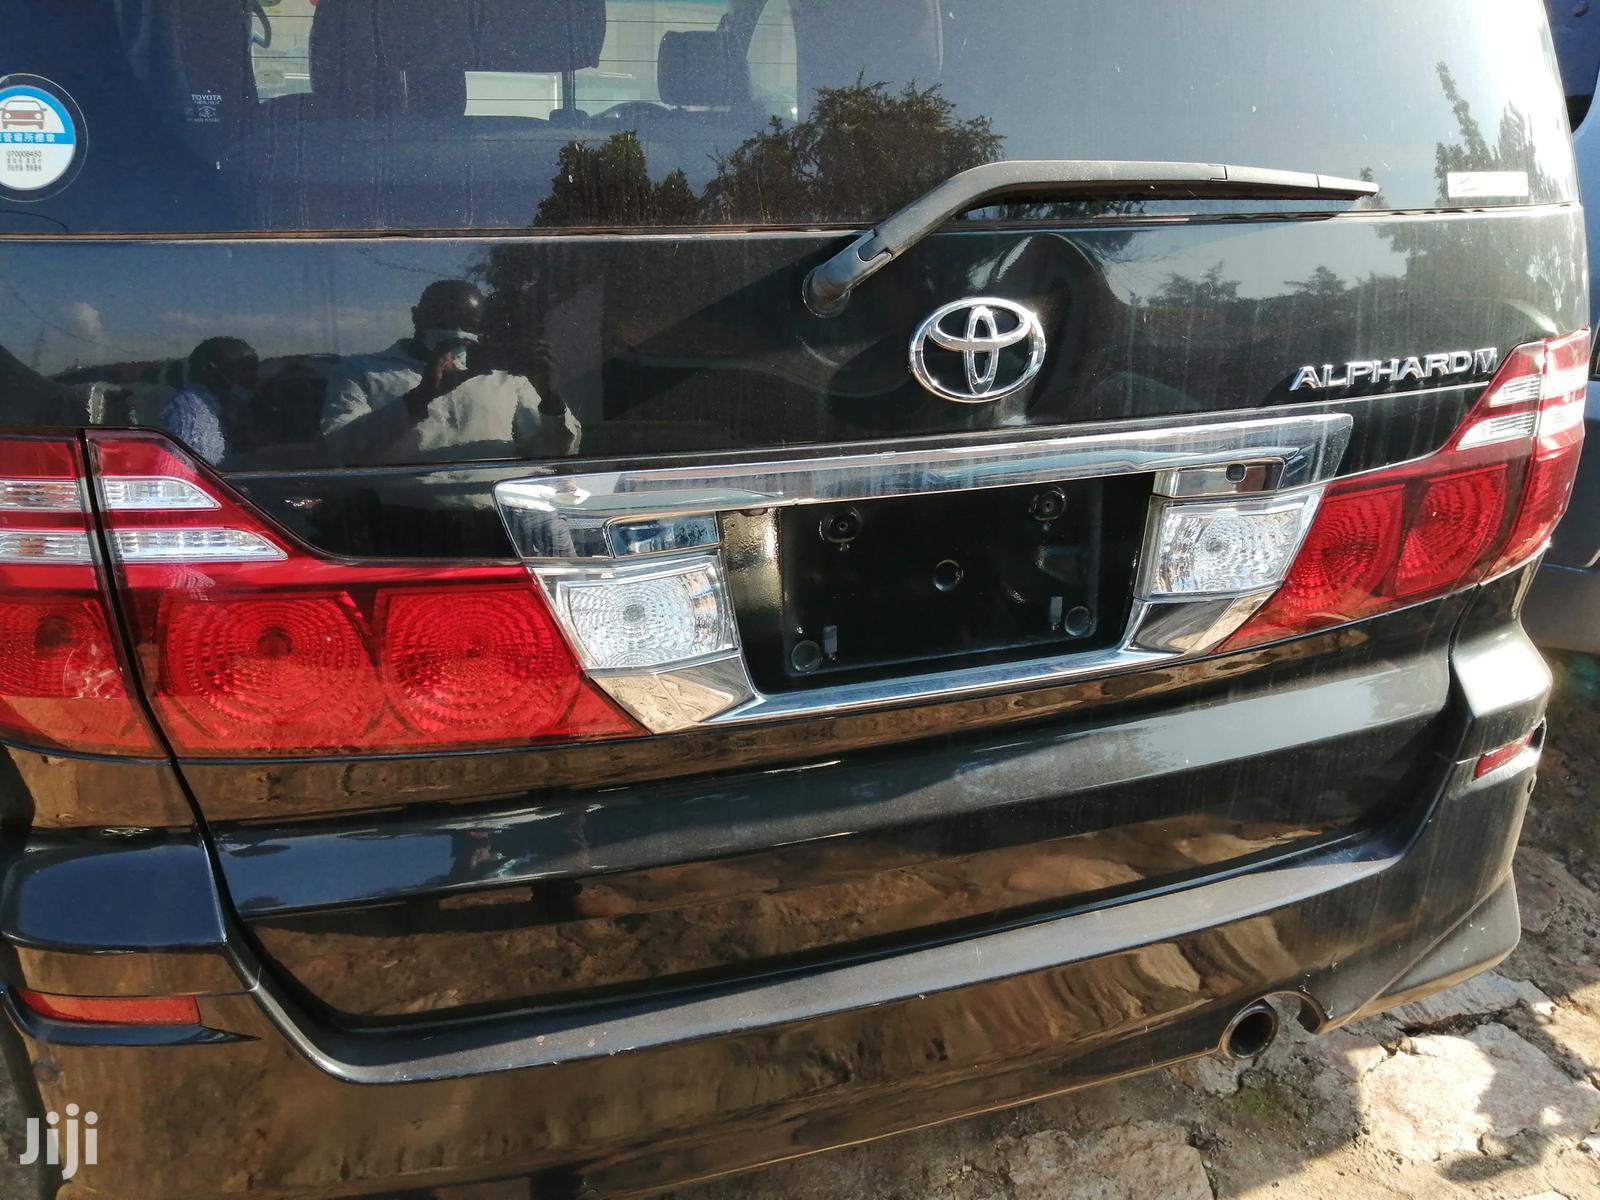 Toyota Alphard 2007 Black | Cars for sale in Kampala, Central Region, Uganda